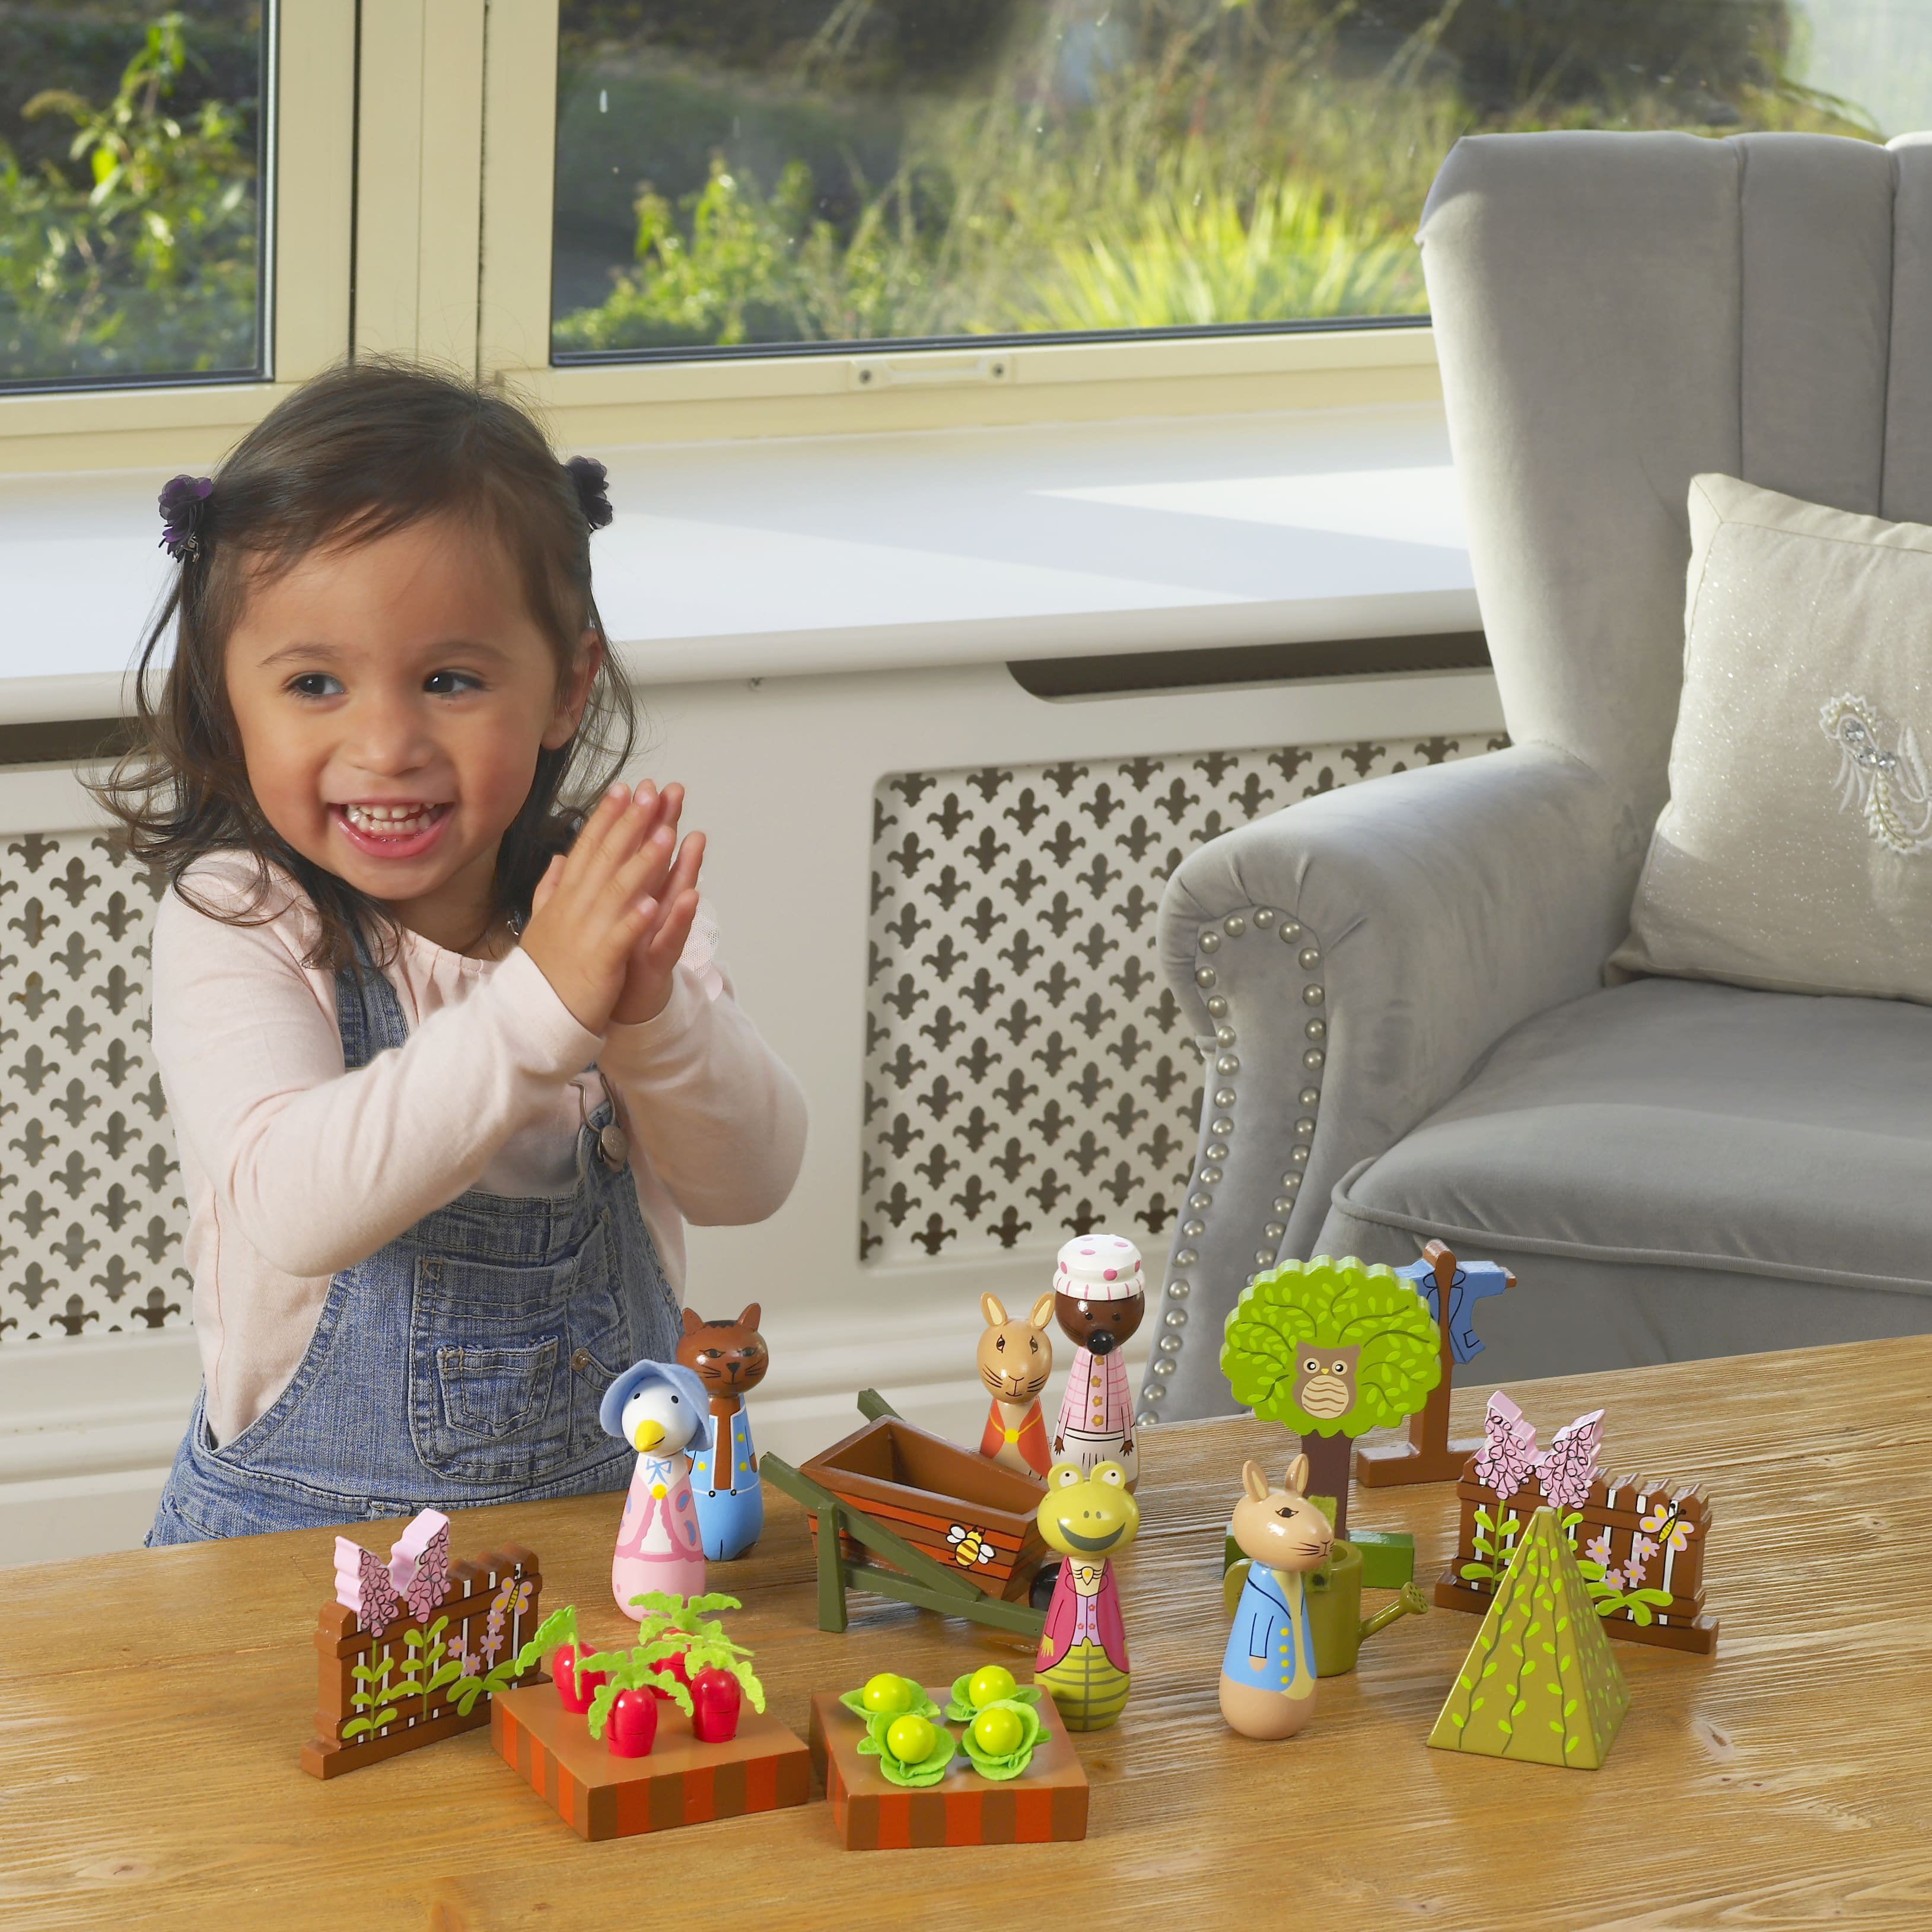 Детски дървен комплект за игра - градината на г-н Макгрегъри от Orange Tree Toys - дървени играчки - Bellamie